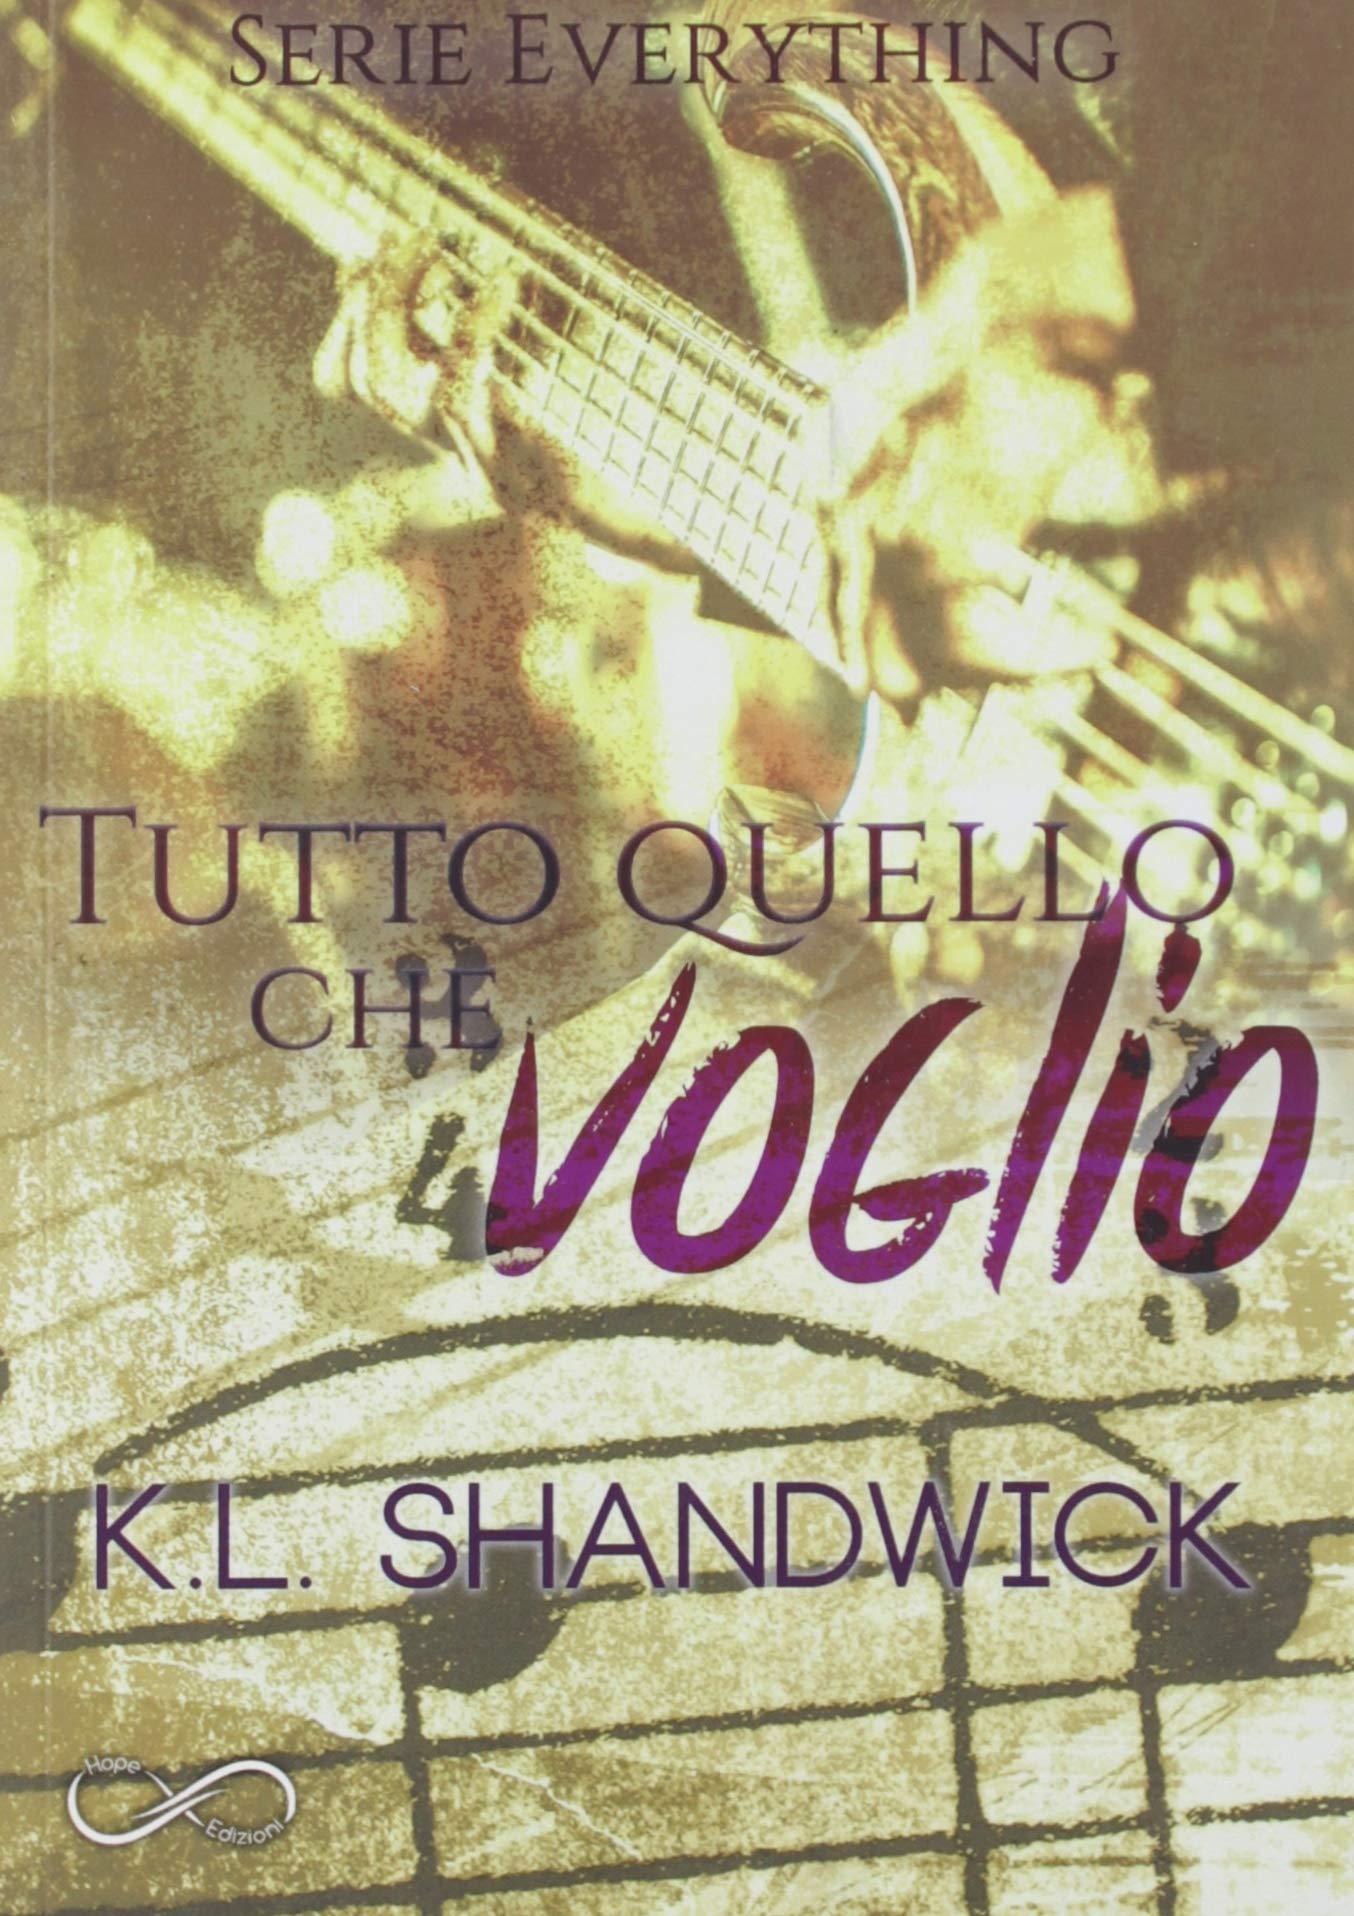 Amazon.it: Tutto quello che voglio. Everything - Shandwick, K. L. ...